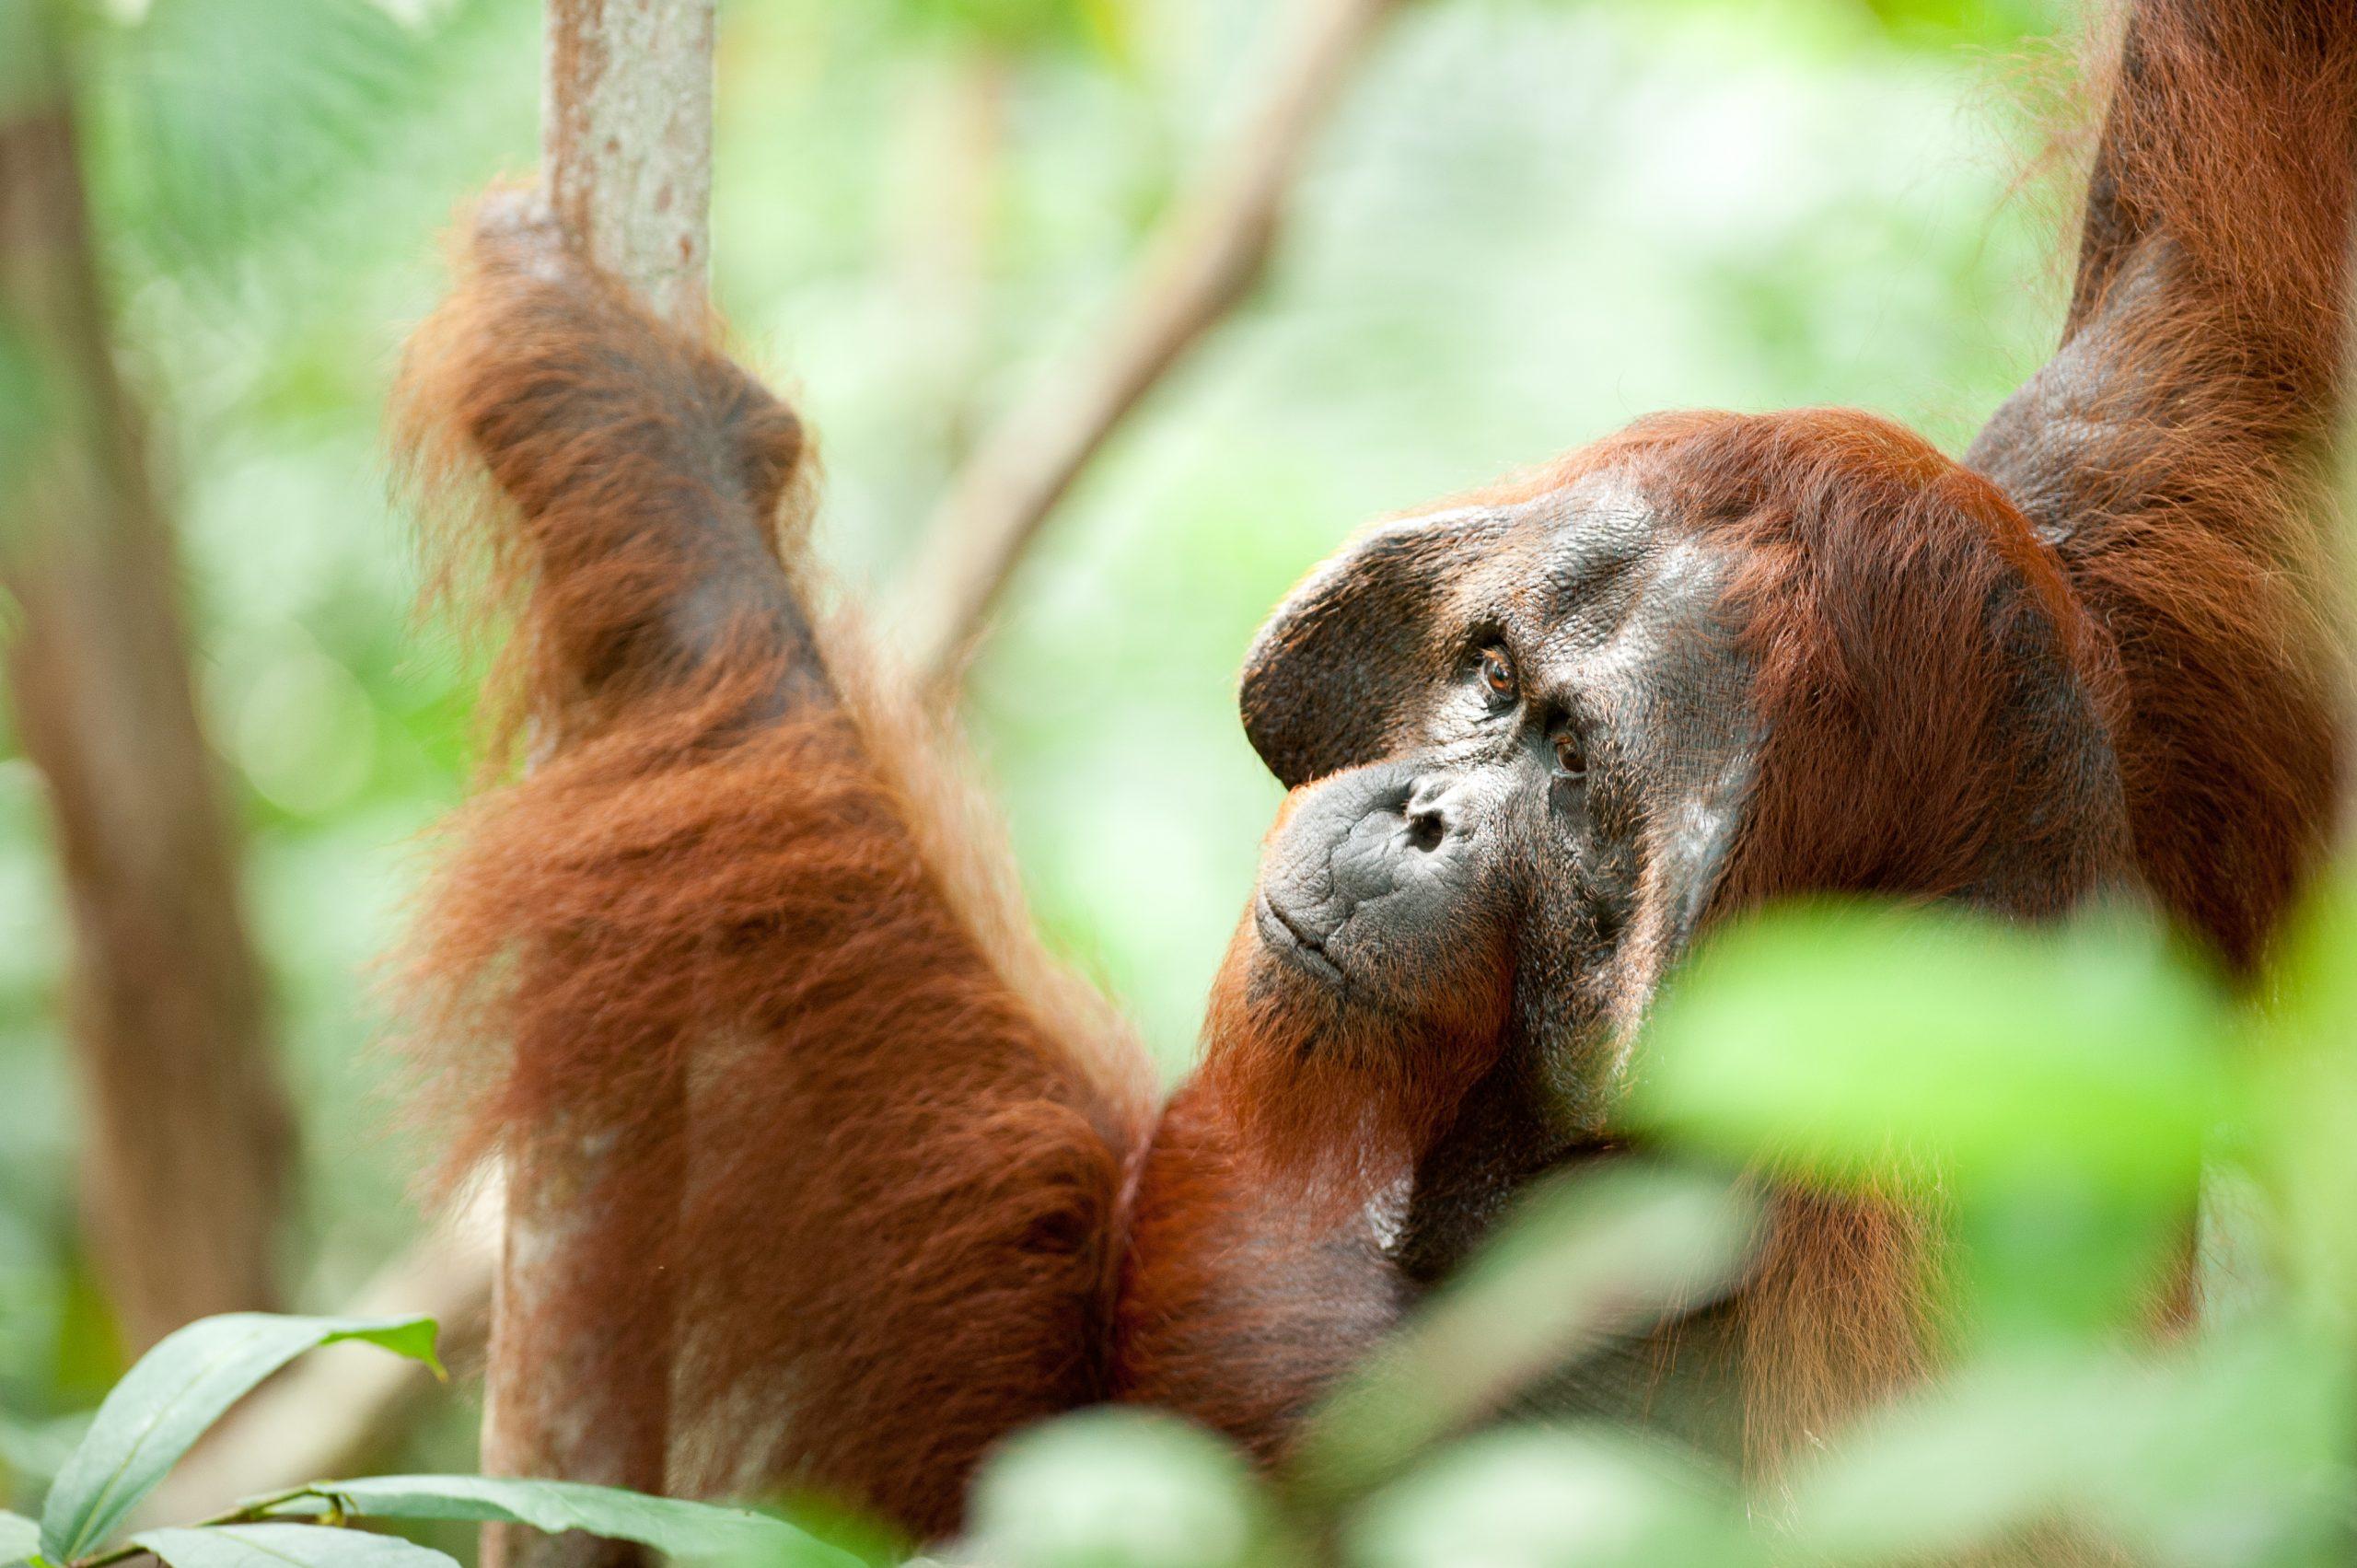 Orangutan-Tanjung Puting-full-017-Andrew Walmsley